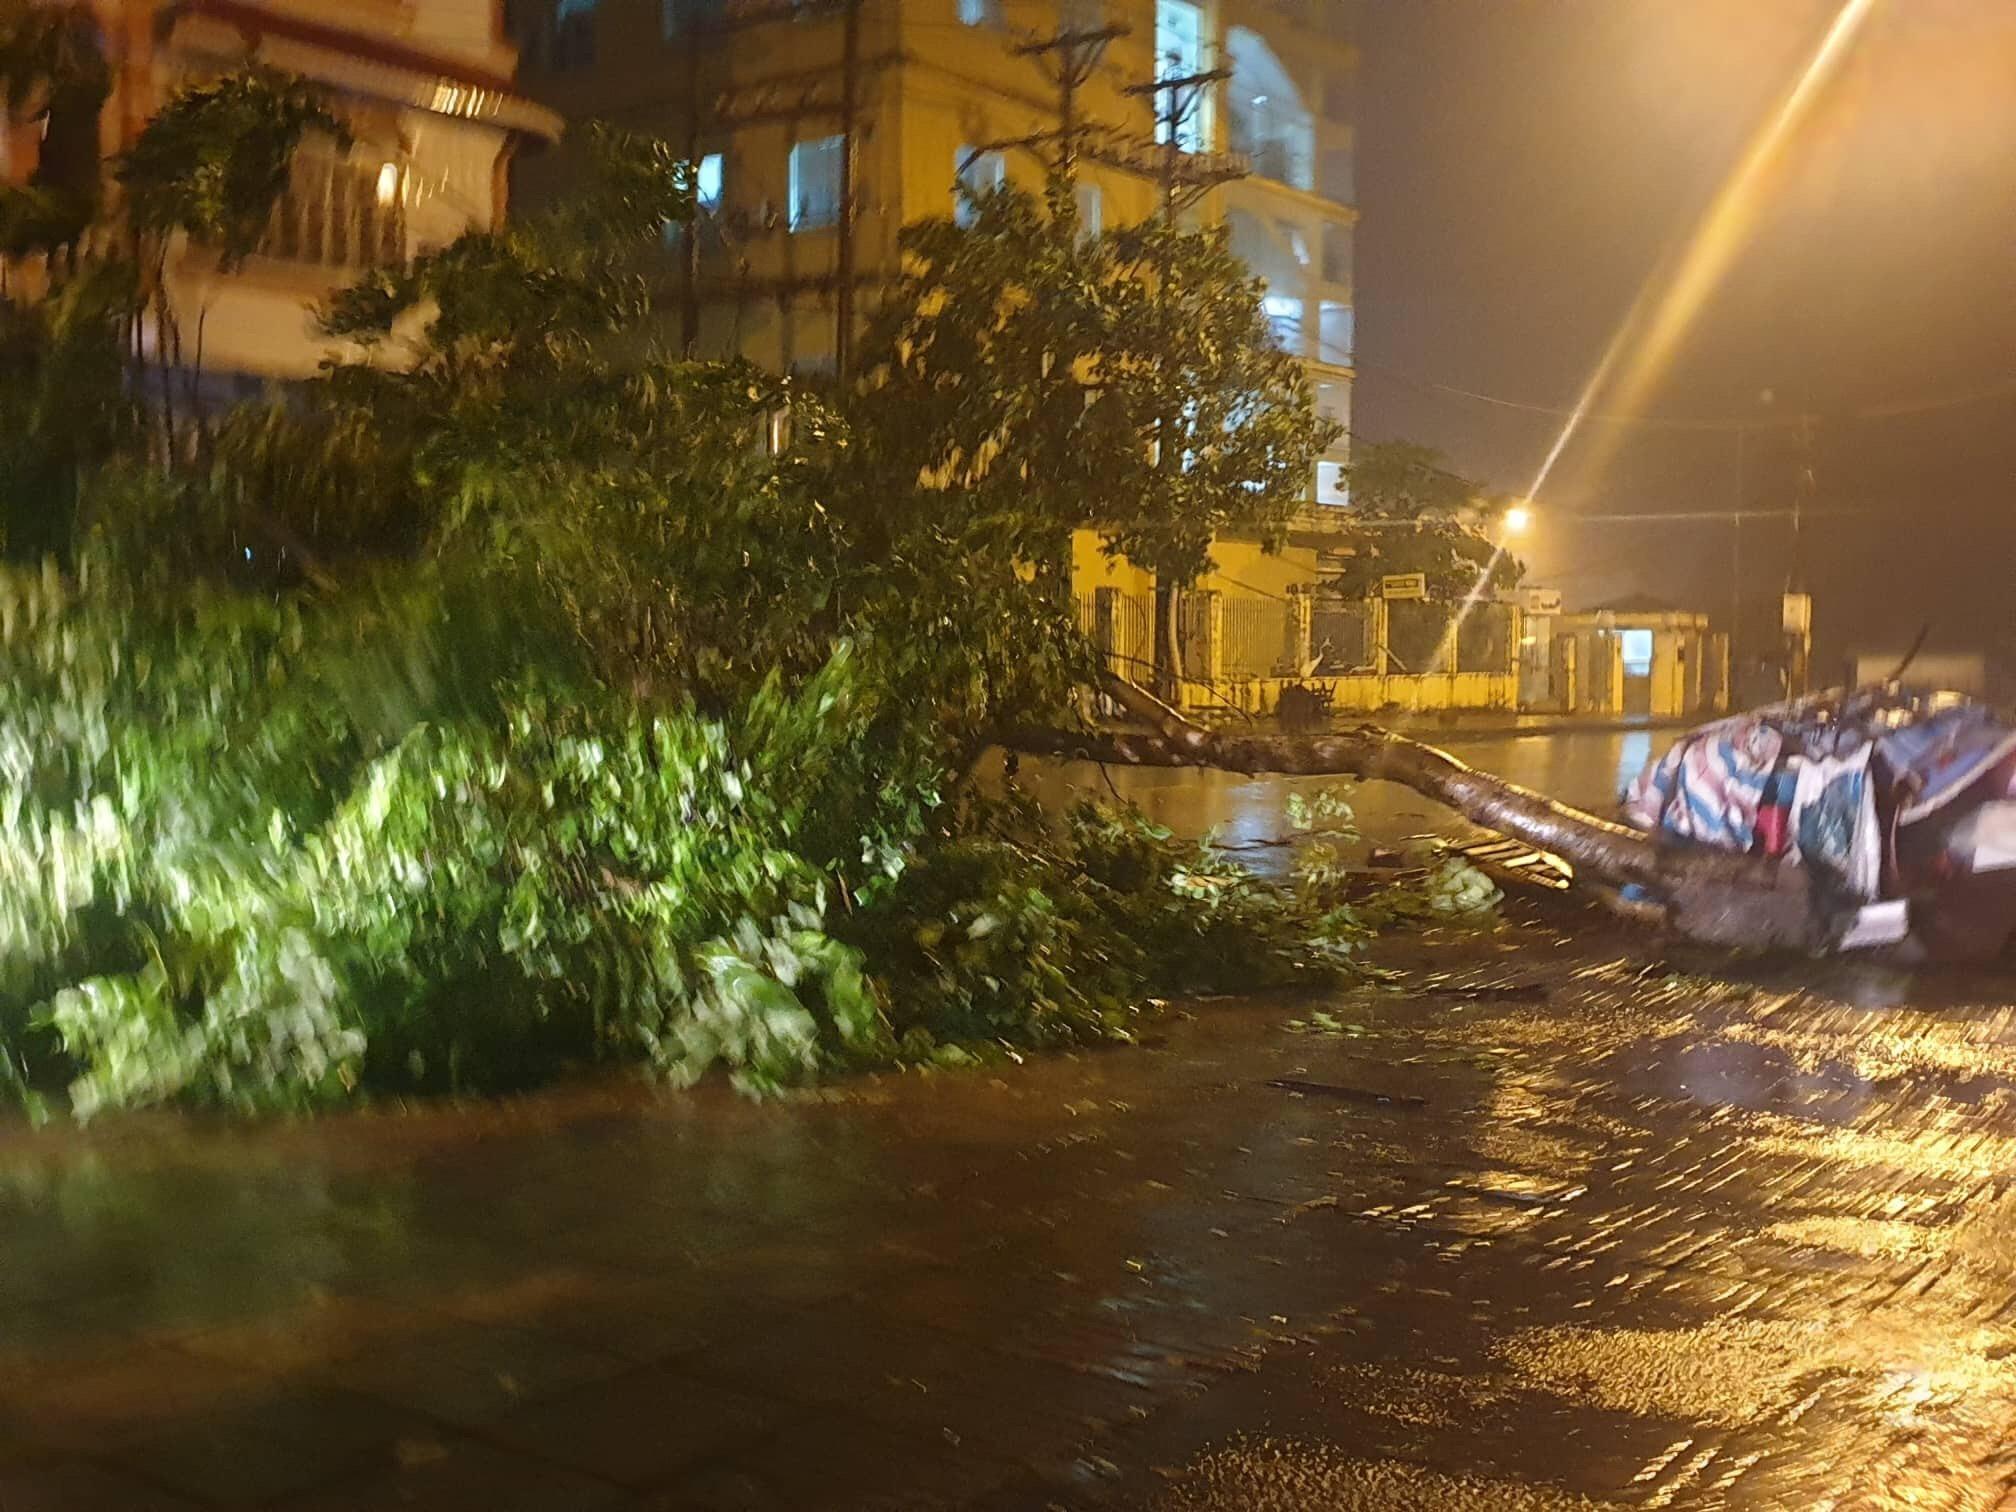 Ảnh hưởng bão số 3: Cây đổ ngổn ngang ở Hà Nội, Quảng Ninh, Hải Phòng 3